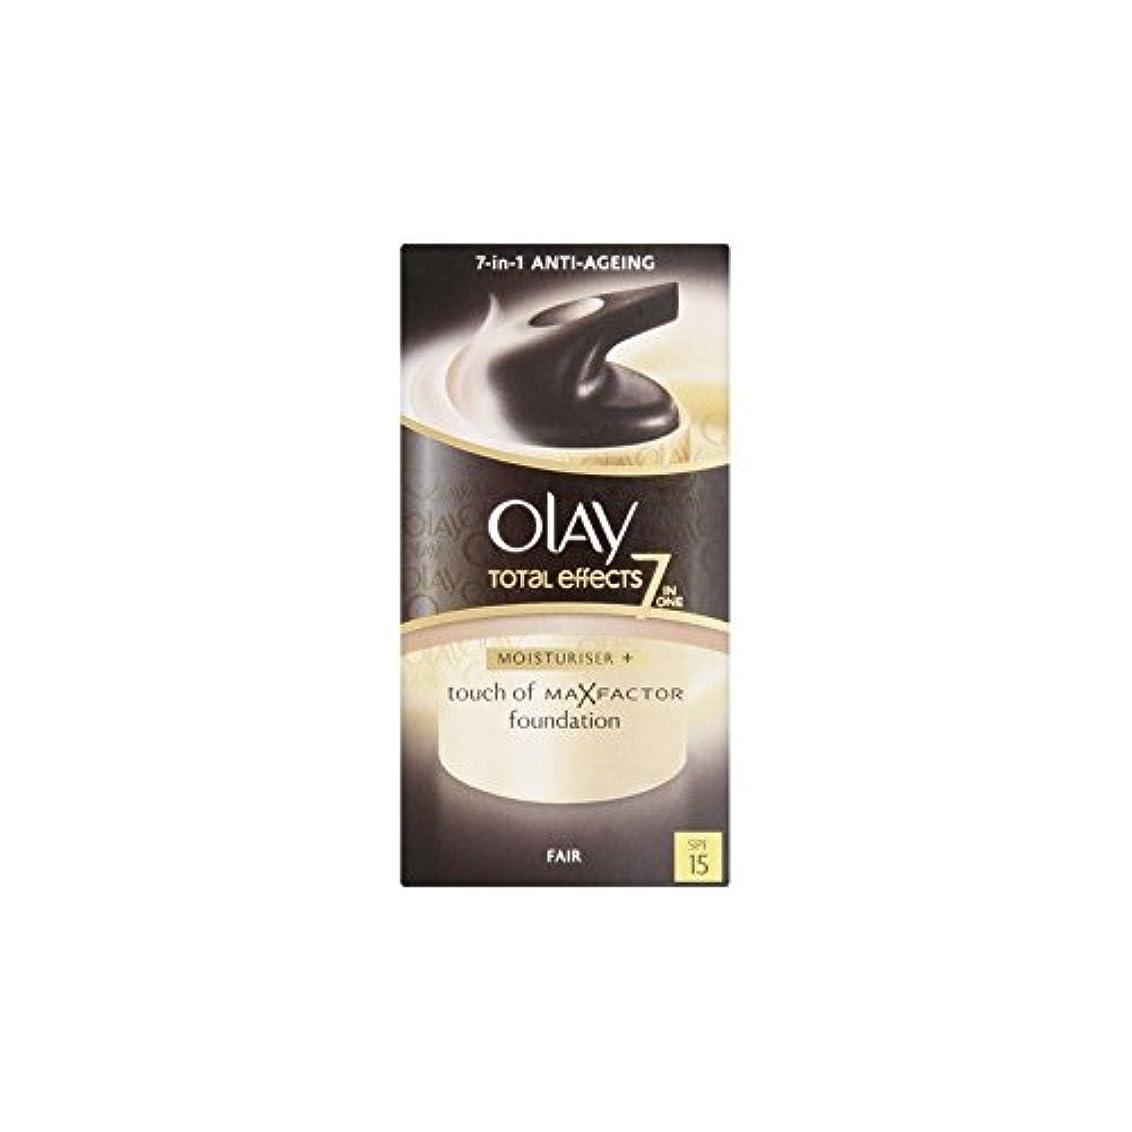 兵隊栄光全体にオーレイトータルエフェクト保湿クリーム15 - フェア(50ミリリットル) x4 - Olay Total Effects Moisturiser Bb Cream Spf15 - Fair (50ml) (Pack of...